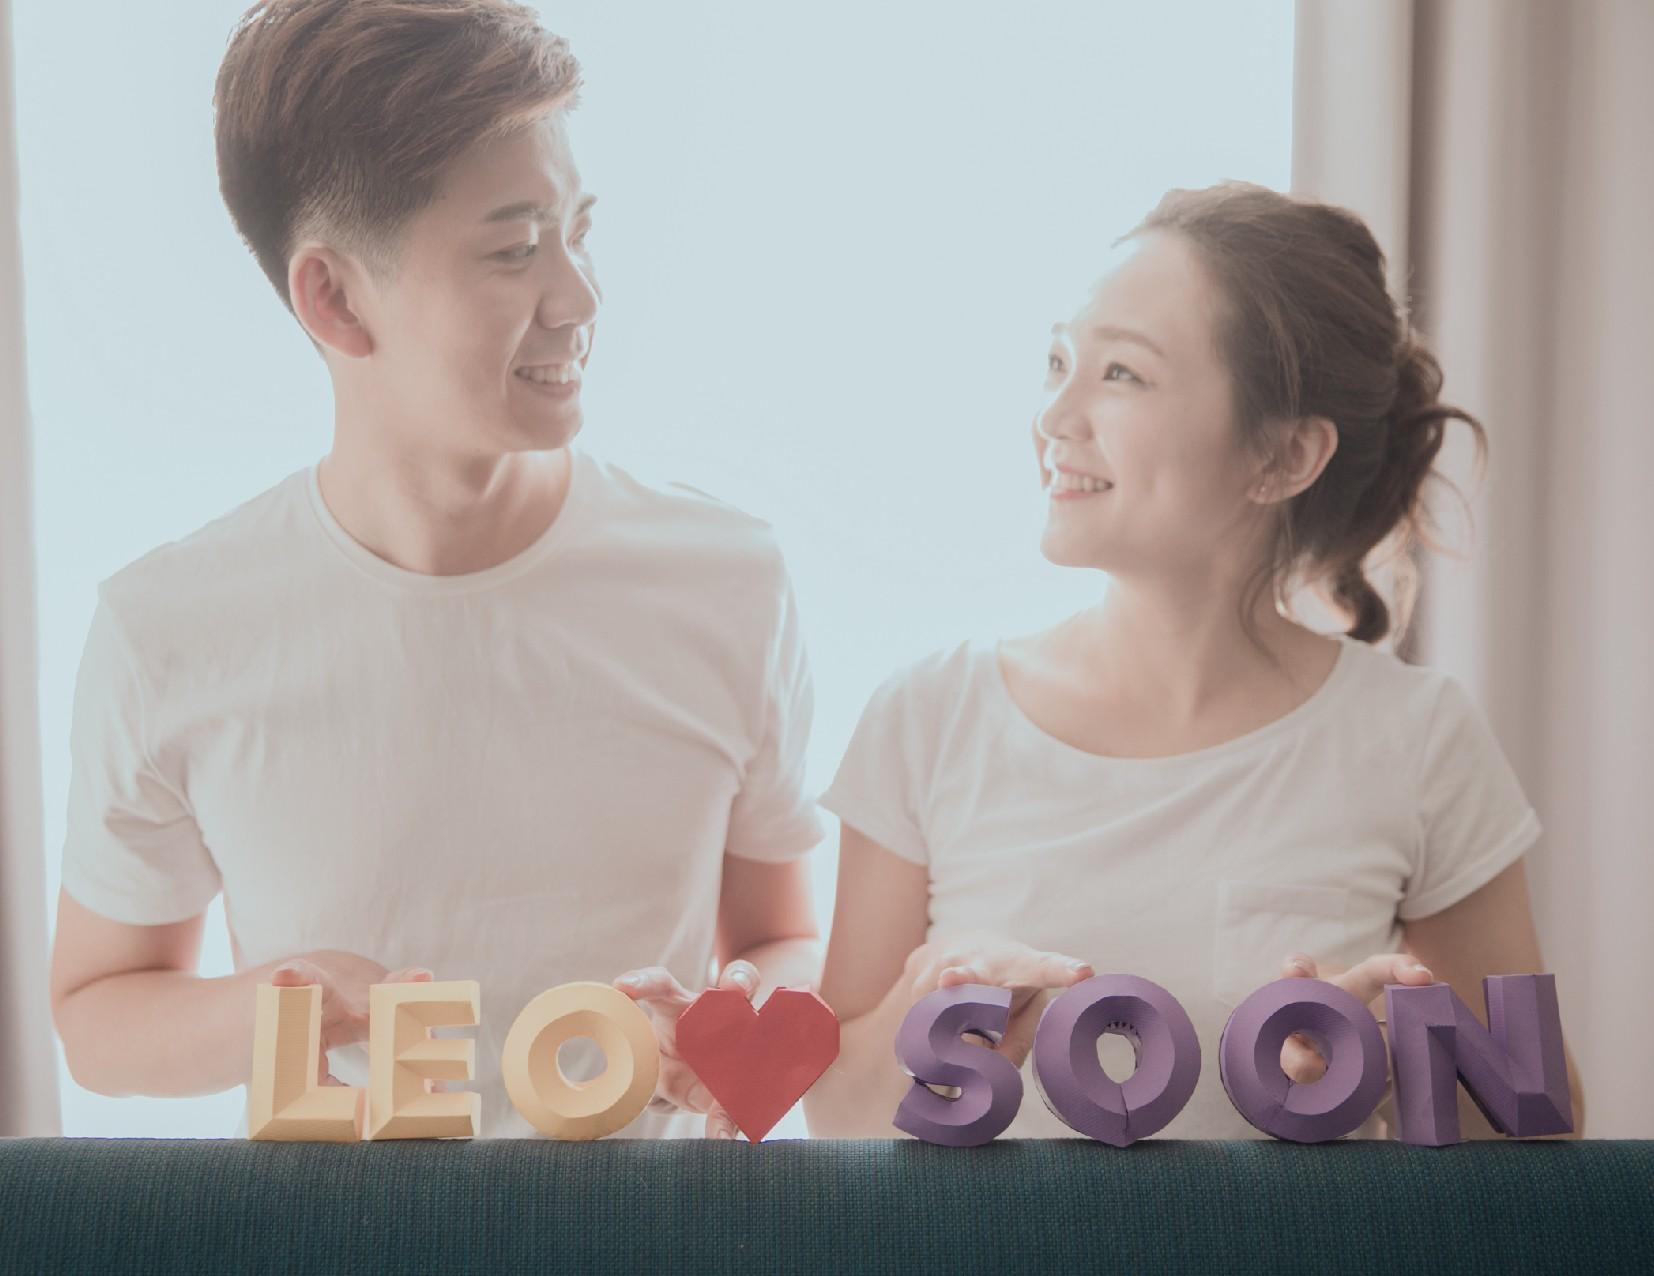 謝卡分享_Leo&Soon